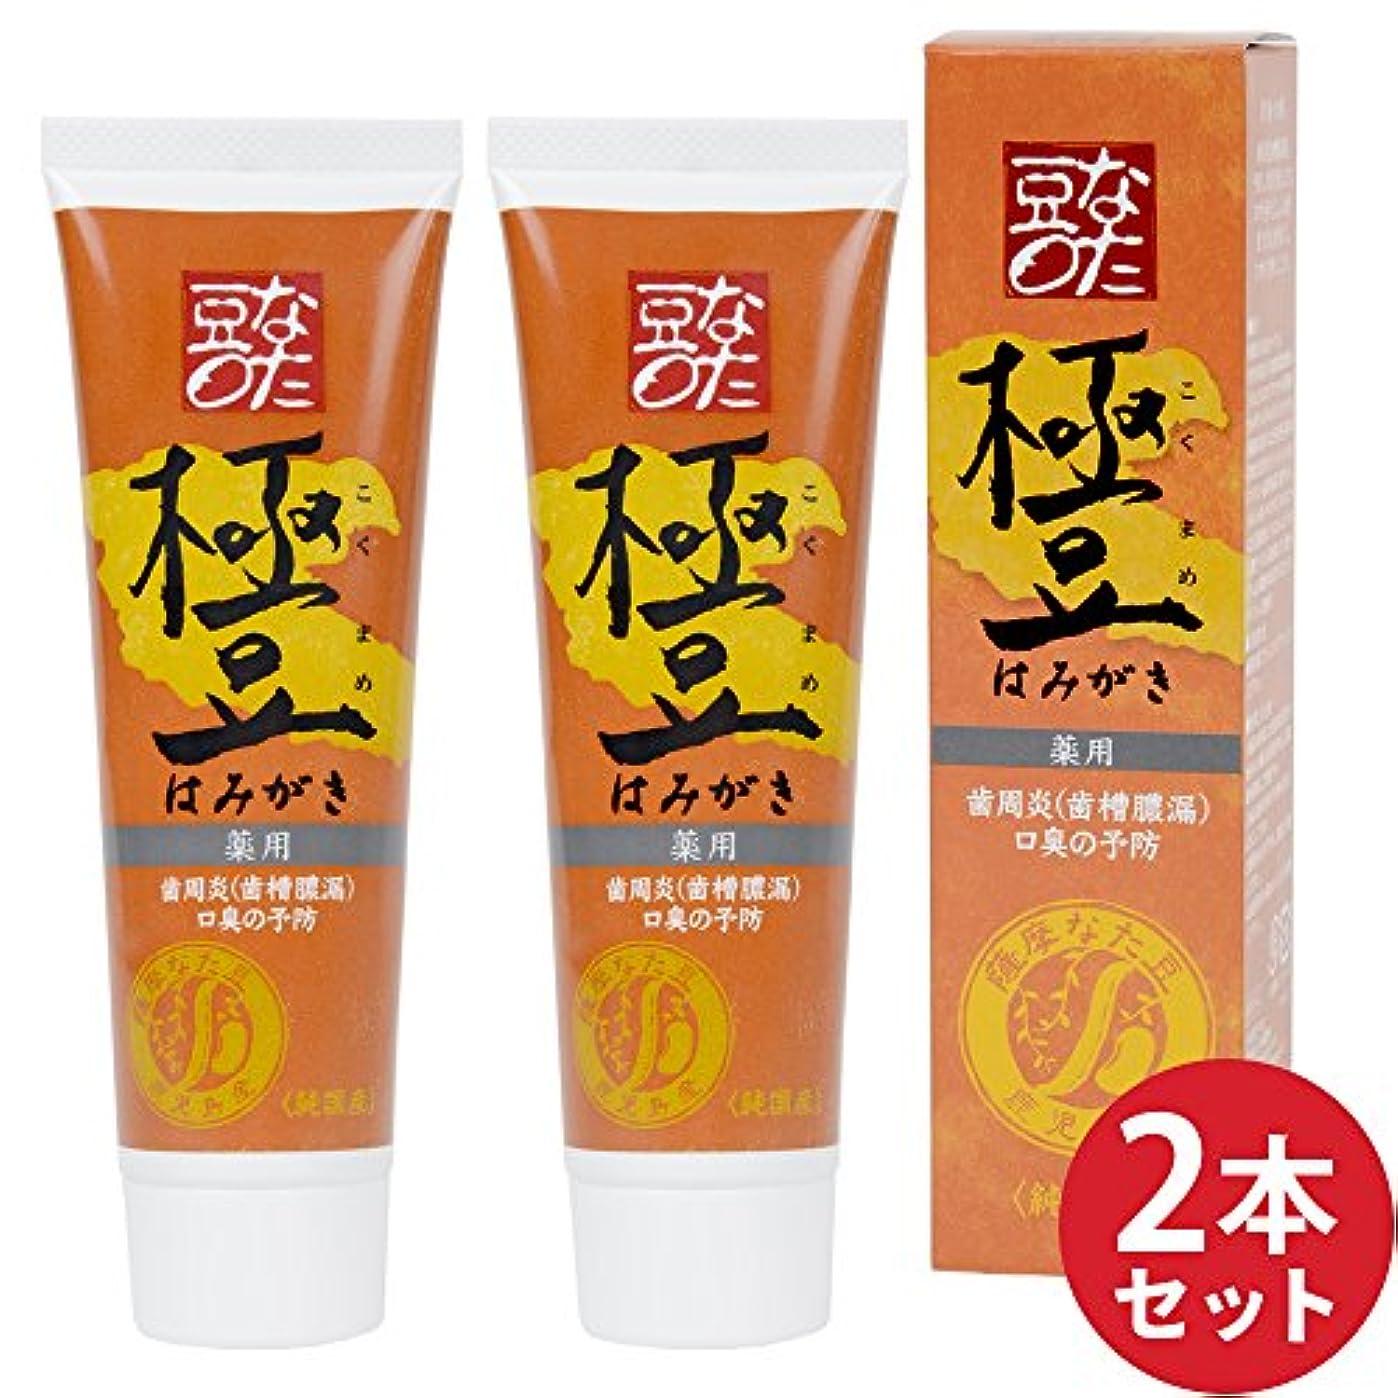 対抗面倒外側2本セット【薬用】薩摩なた豆歯磨き(内容量:110g×2)